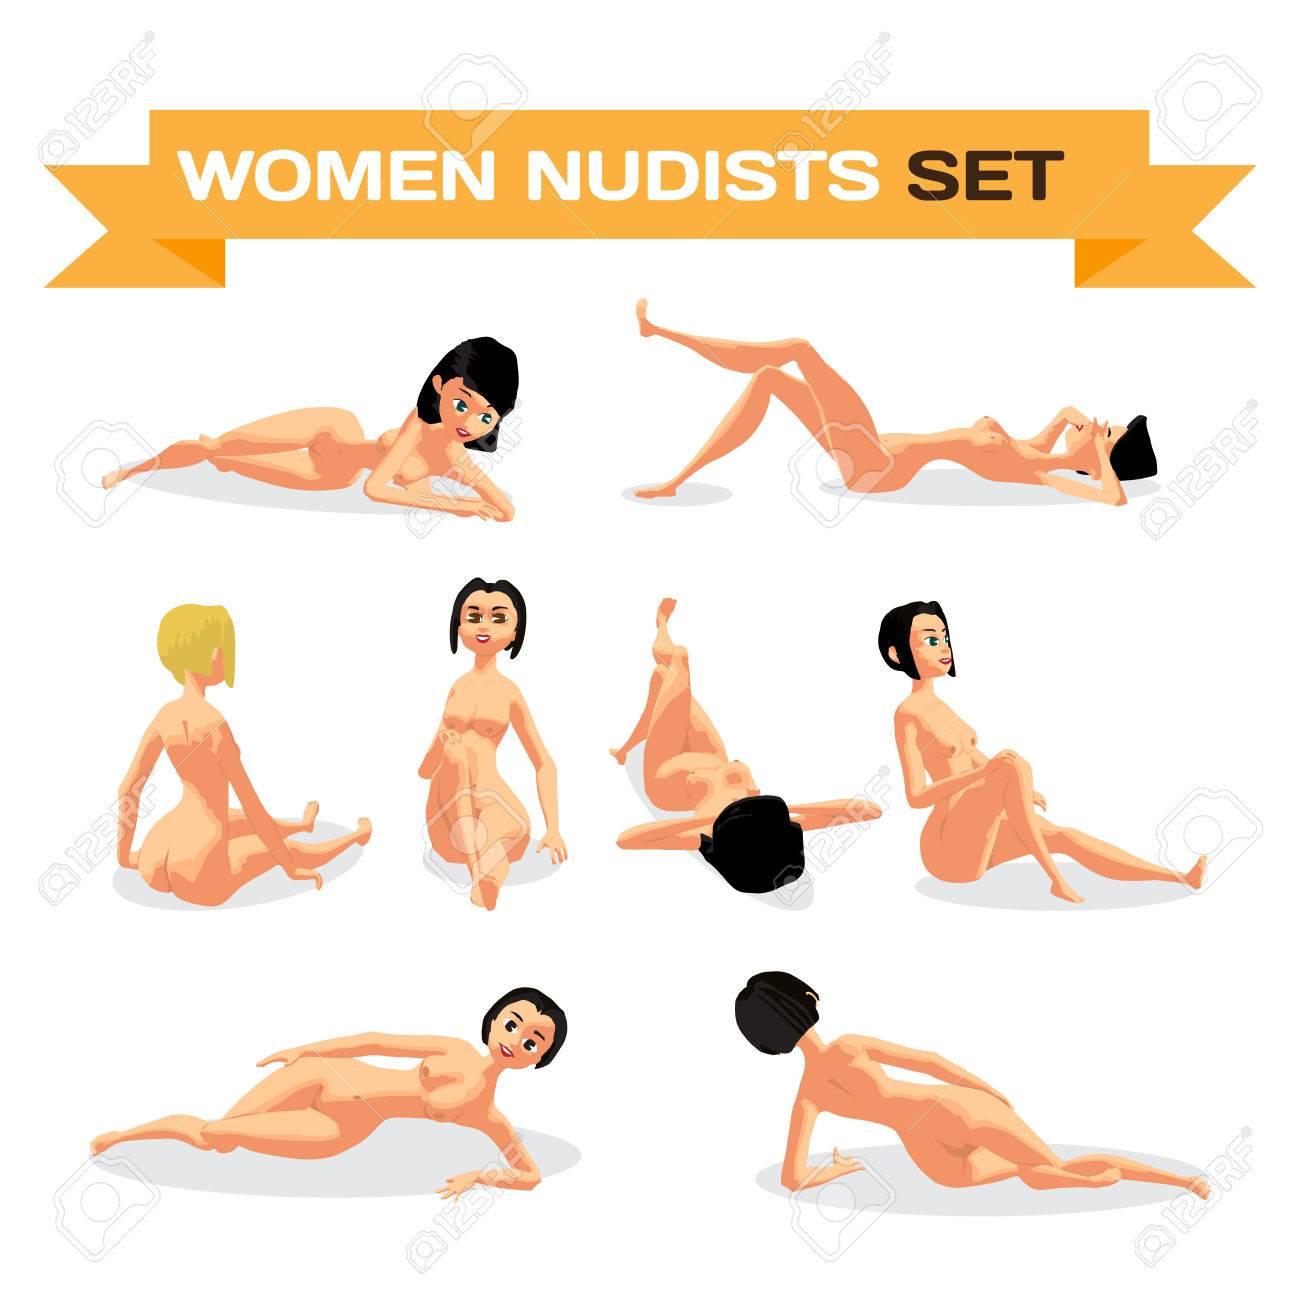 Conjunto De Mujeres Desnudas Jóvenes Tomando El Sol Tumbado En La Playa Vector Ilustración De Dibujos Animados Plana Aislado